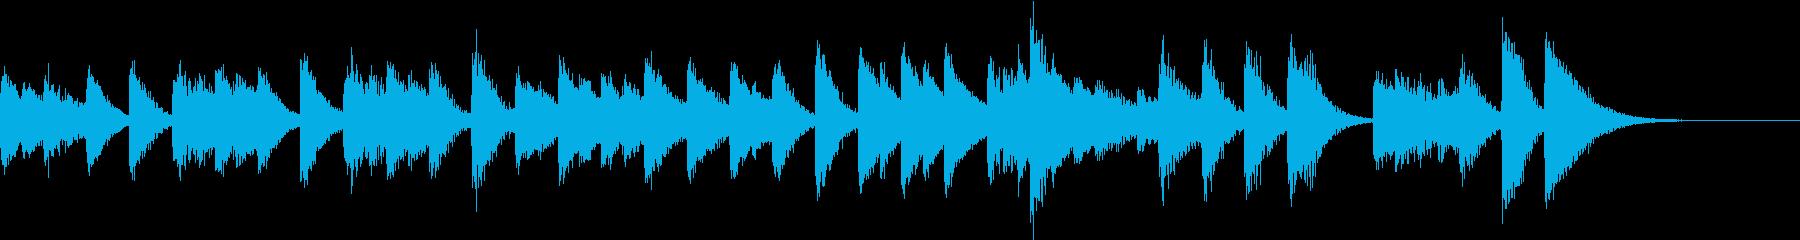 速い二拍子の可愛いらしいピアノジングルの再生済みの波形